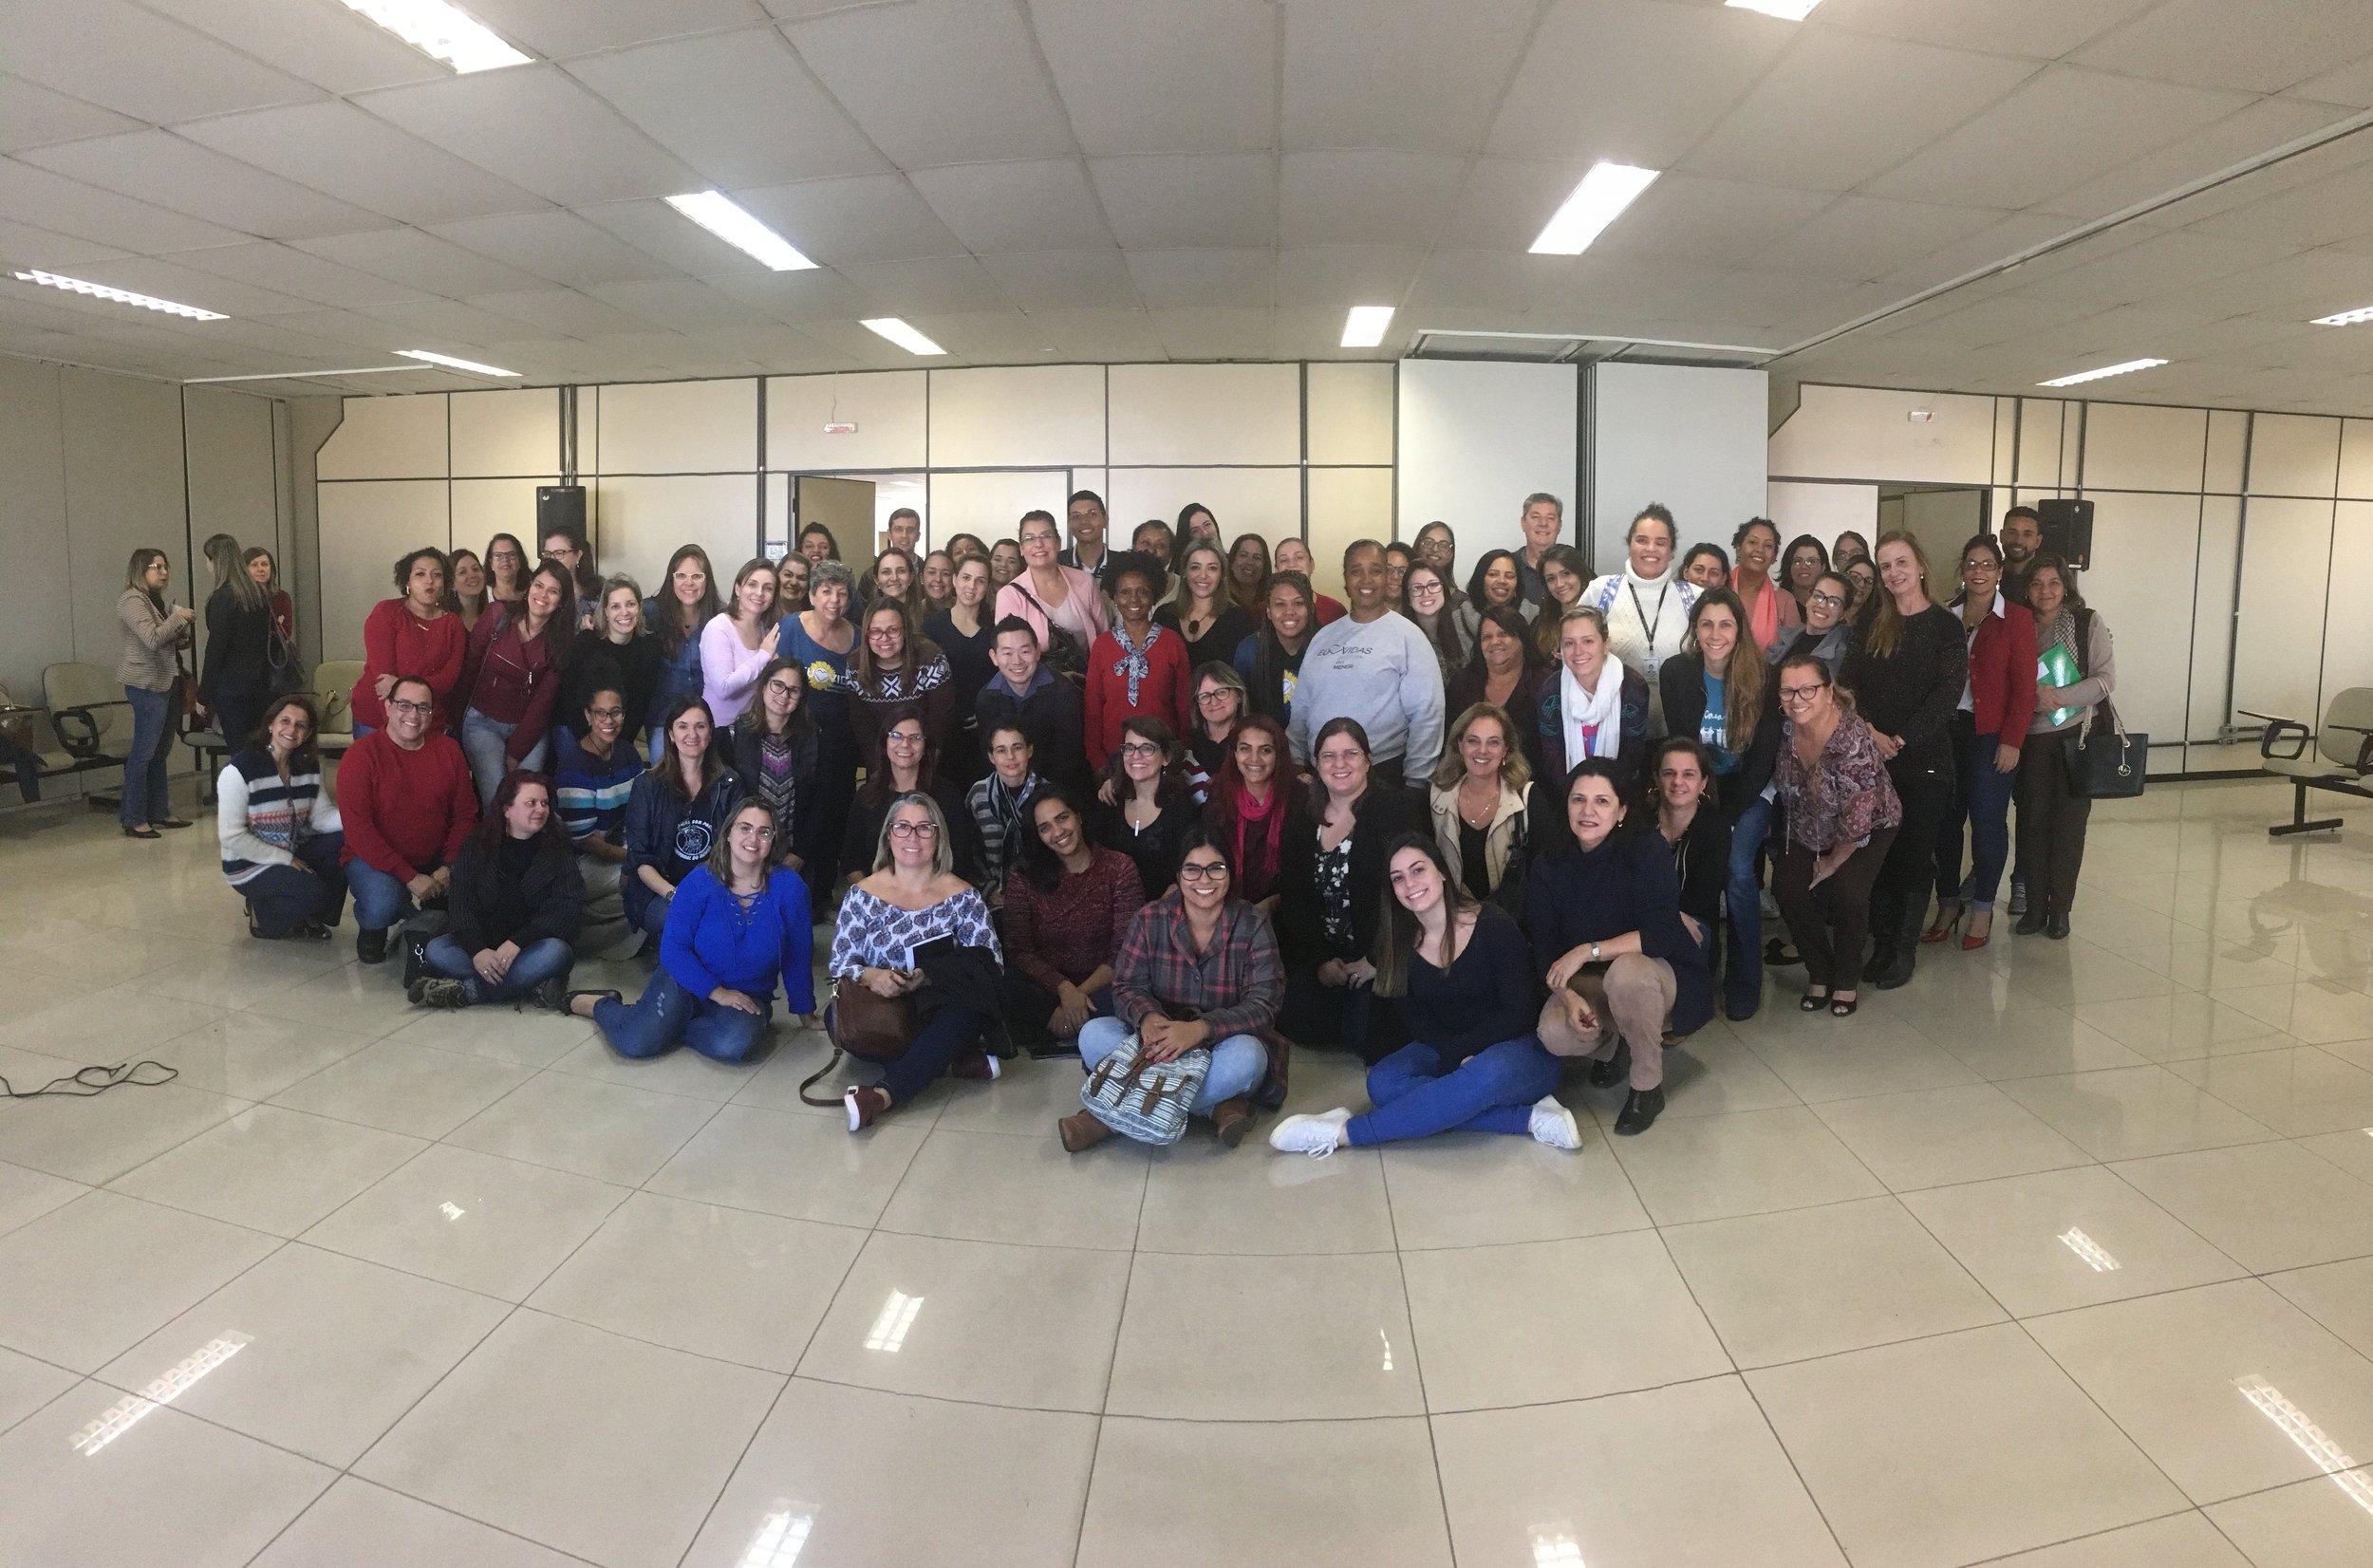 Palestra-JusticaRestaurativa-Sorocaba-4Jun-2019-3.JPG